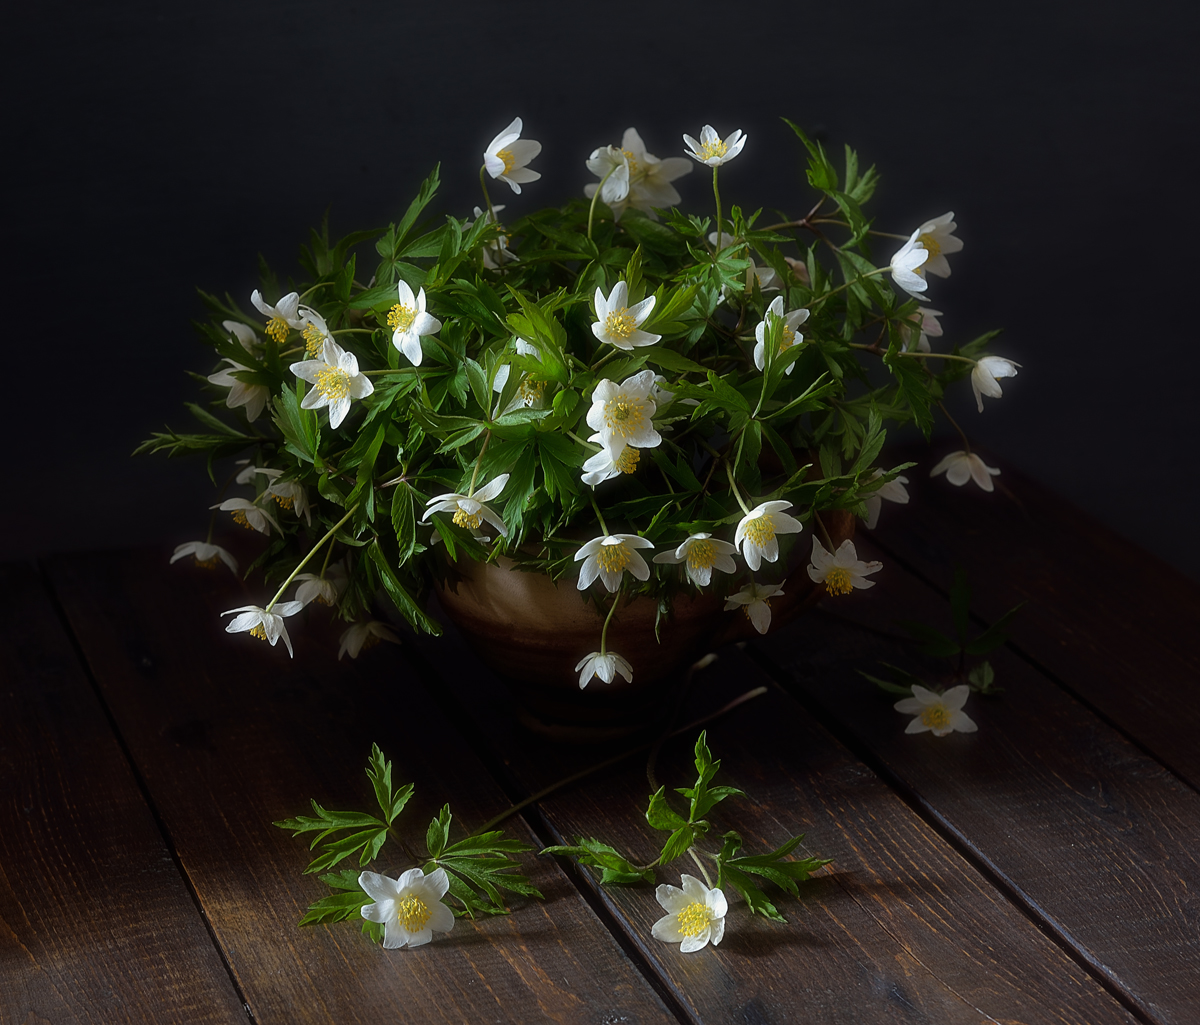 натюрморт,цветы,весна,анемоны,ветреницы, Наталия К